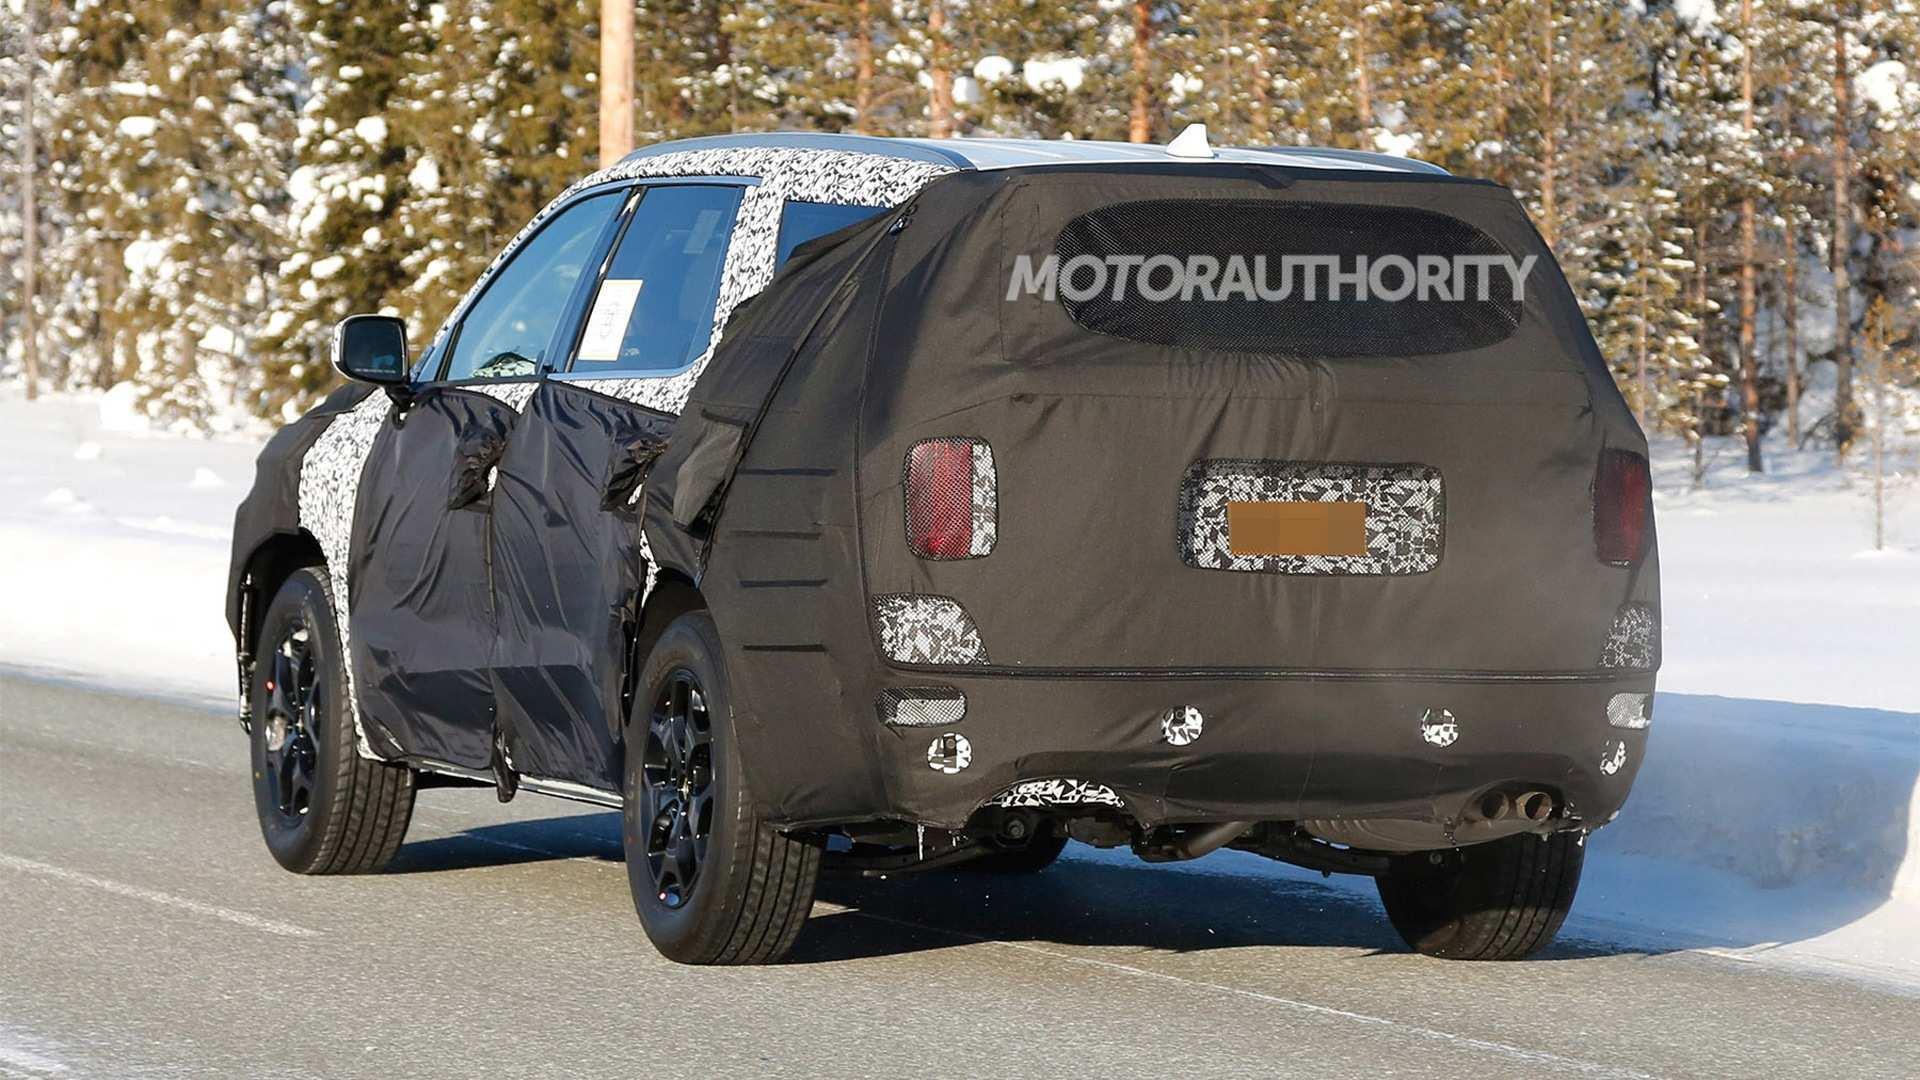 50 New 2020 Hyundai Suv Style with 2020 Hyundai Suv